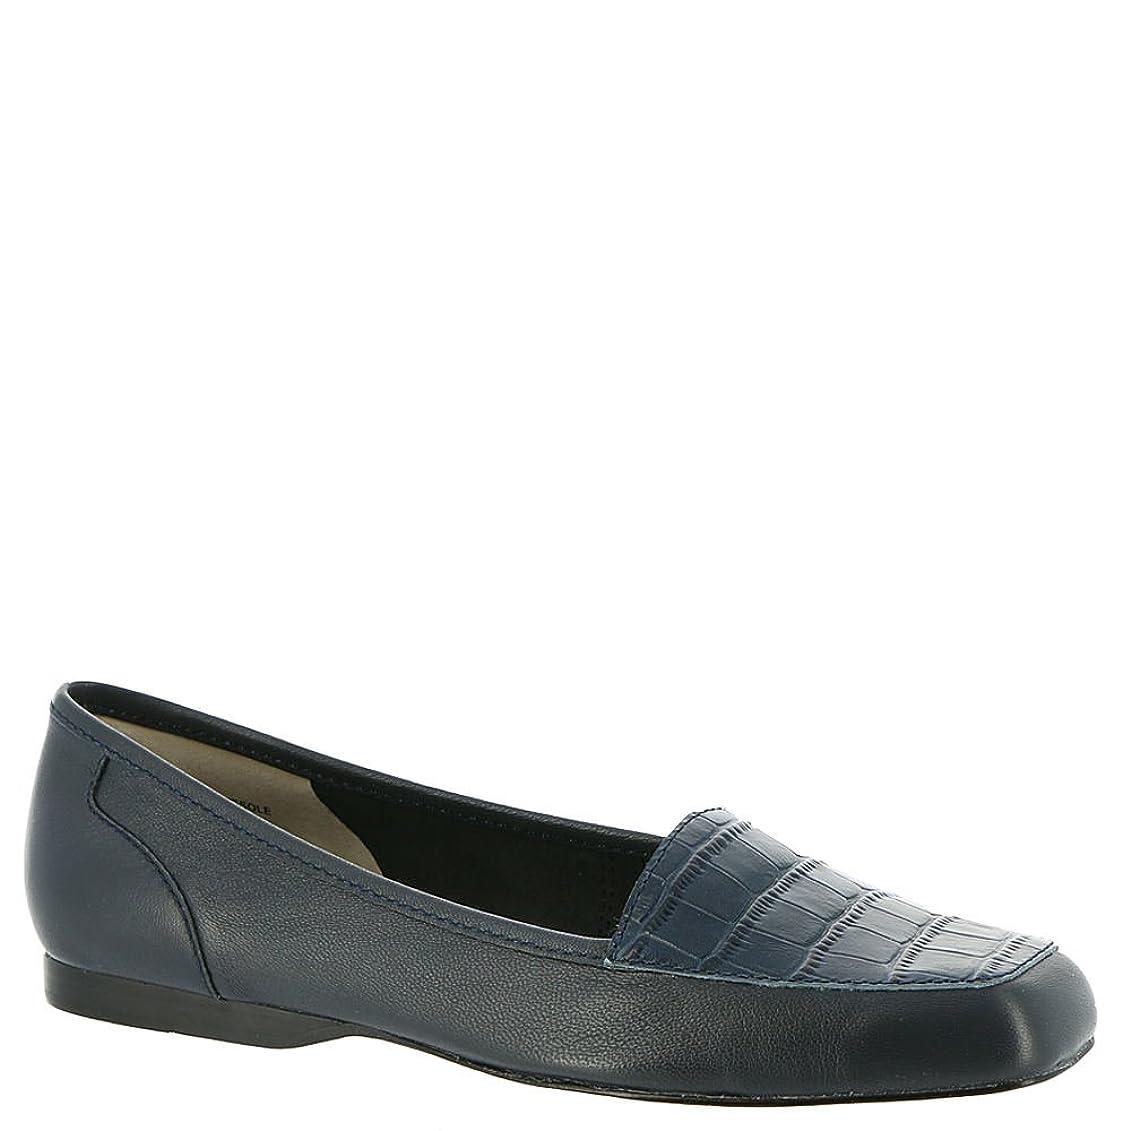 完璧ブラウザ十代の若者たちARRAY Womens Leather Loafers